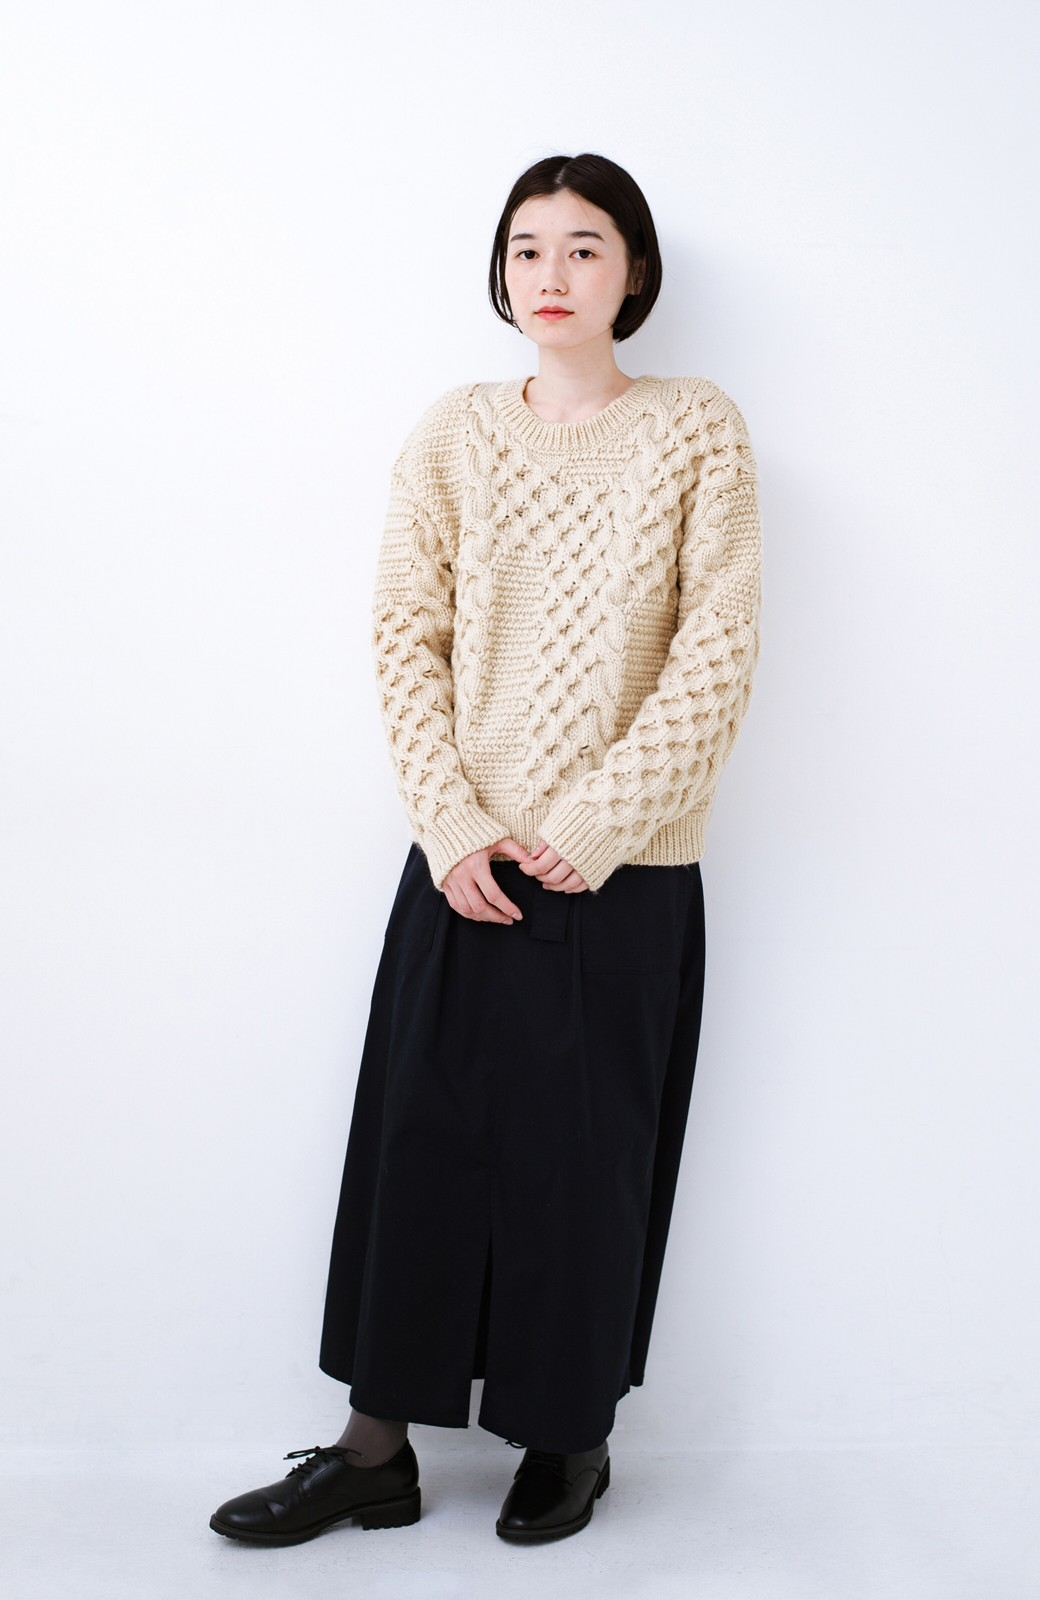 haco! 古着っぽい雰囲気がこなれたパネル編みケーブルニット <アイボリー>の商品写真8